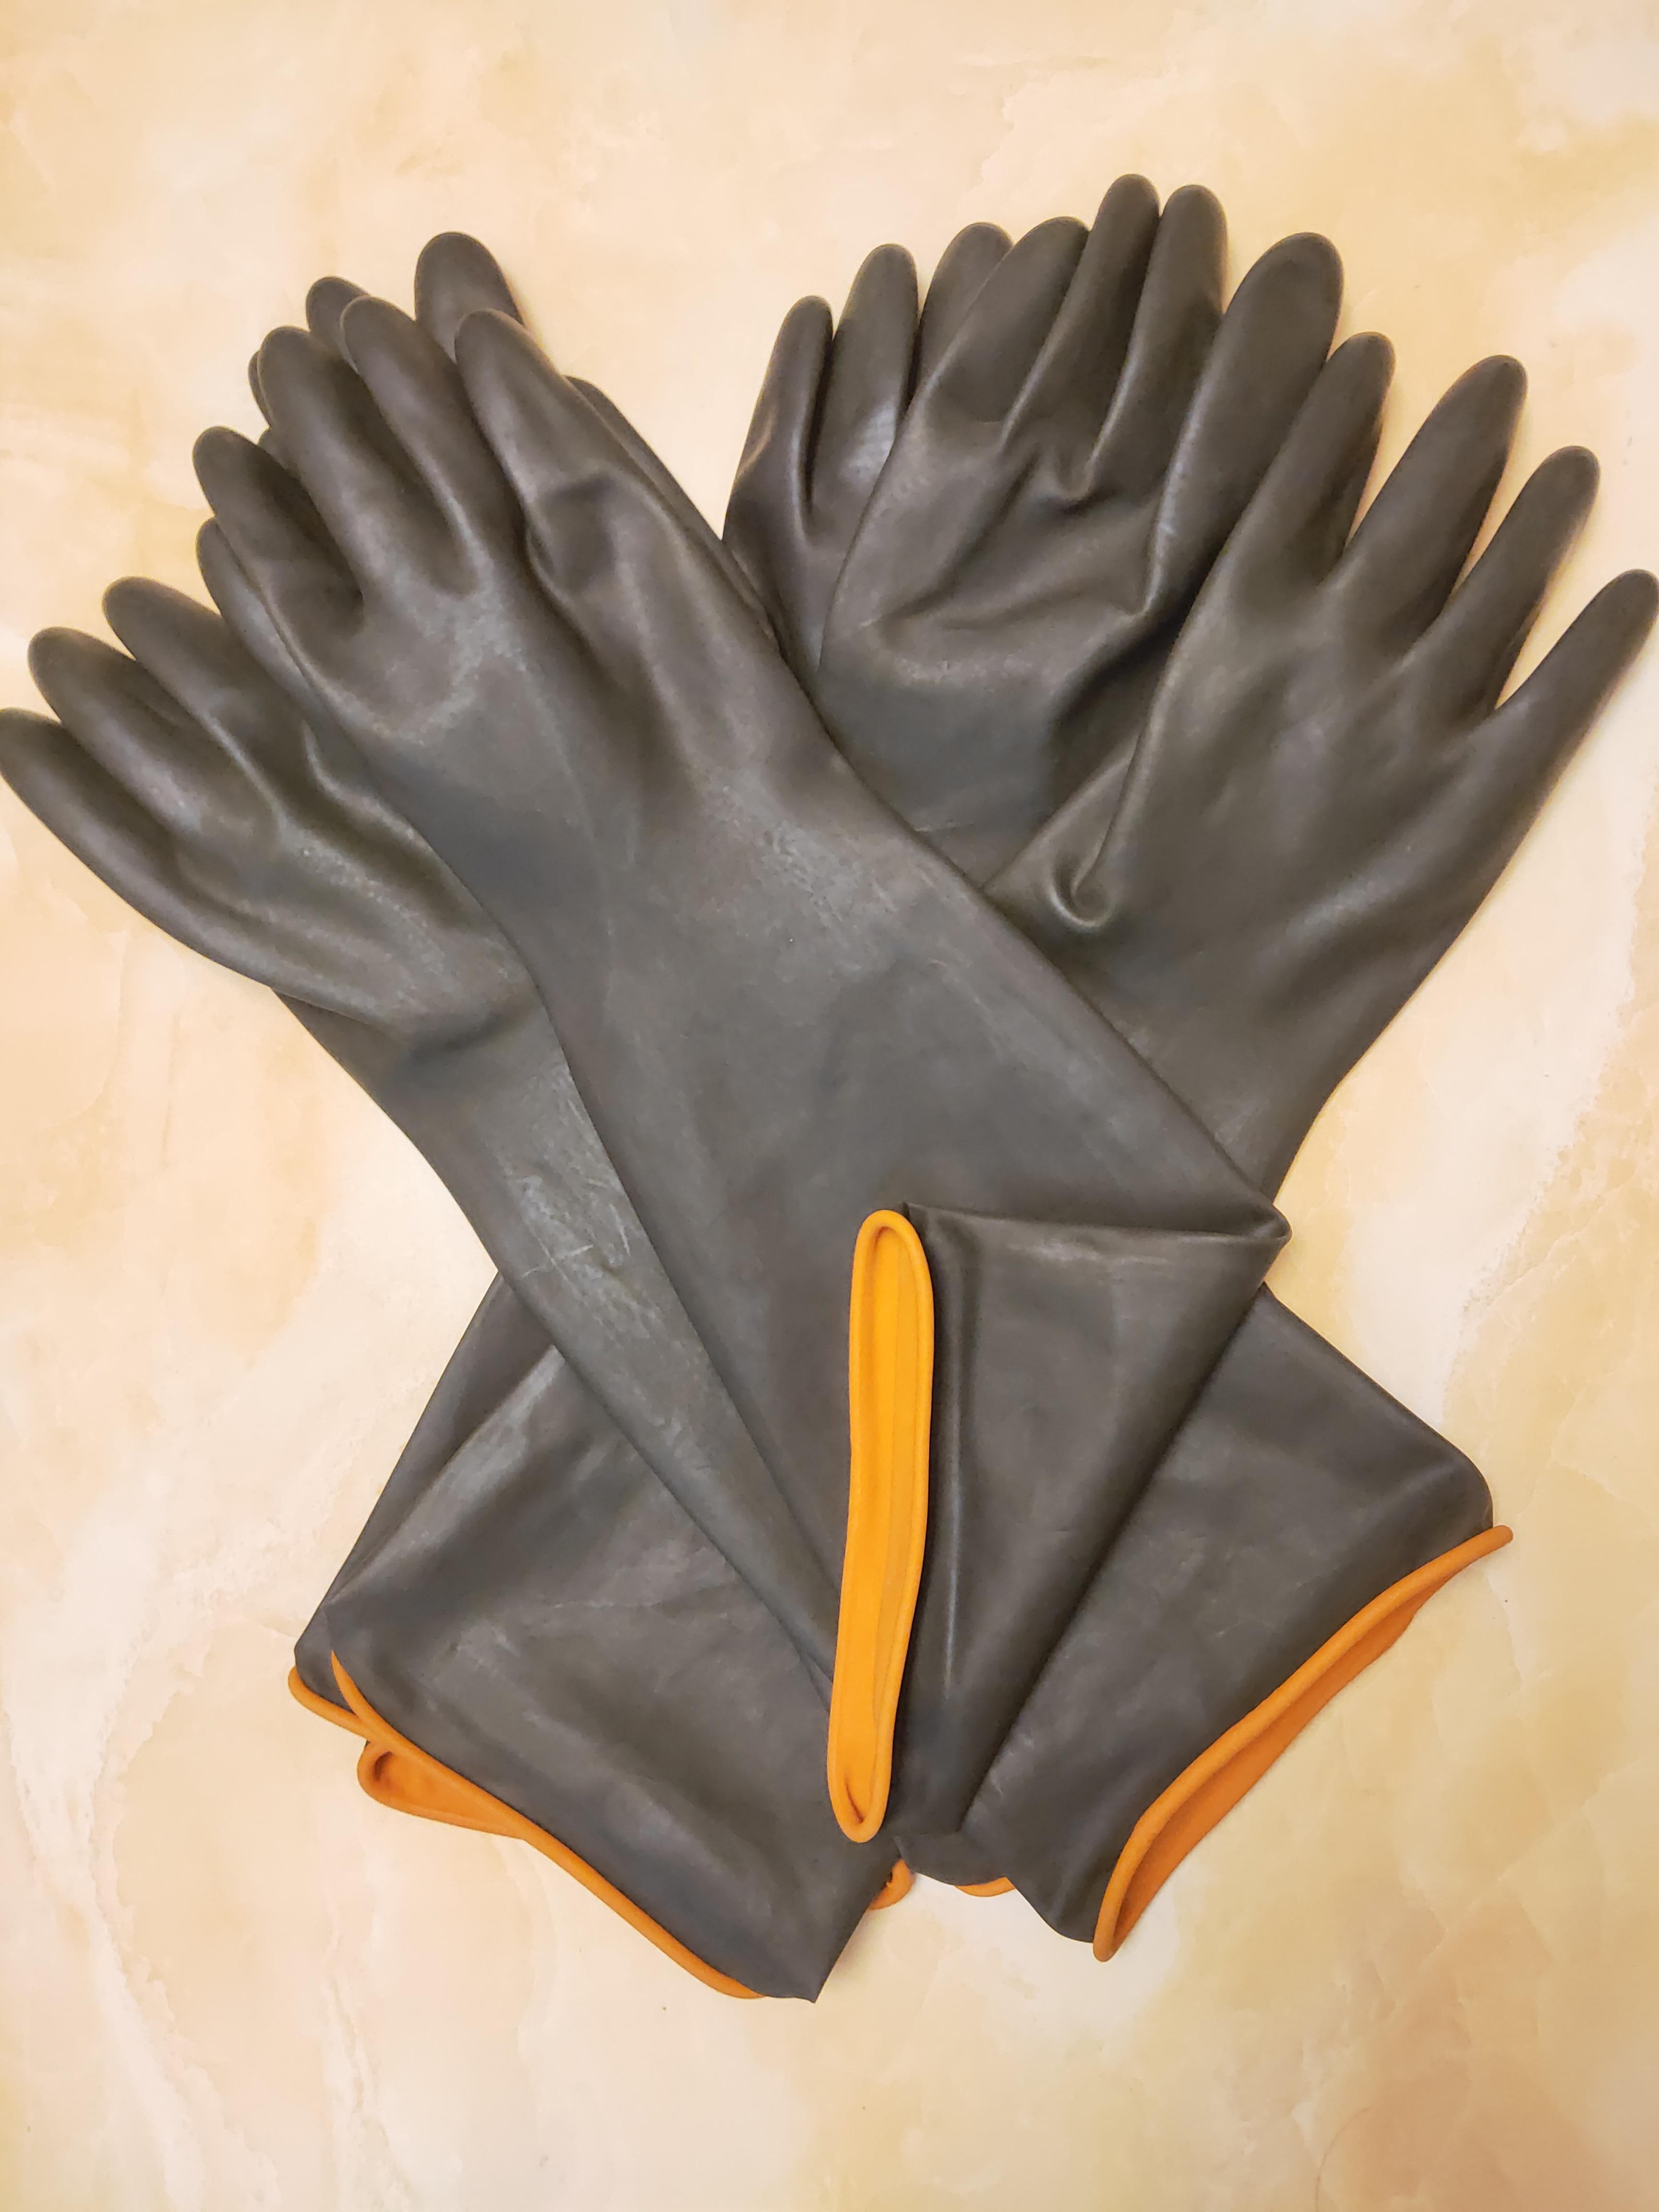 Superpikendused 55cm. Värv must tööjõud, mis kaitsevad - Tööriistakomplektid - Foto 5